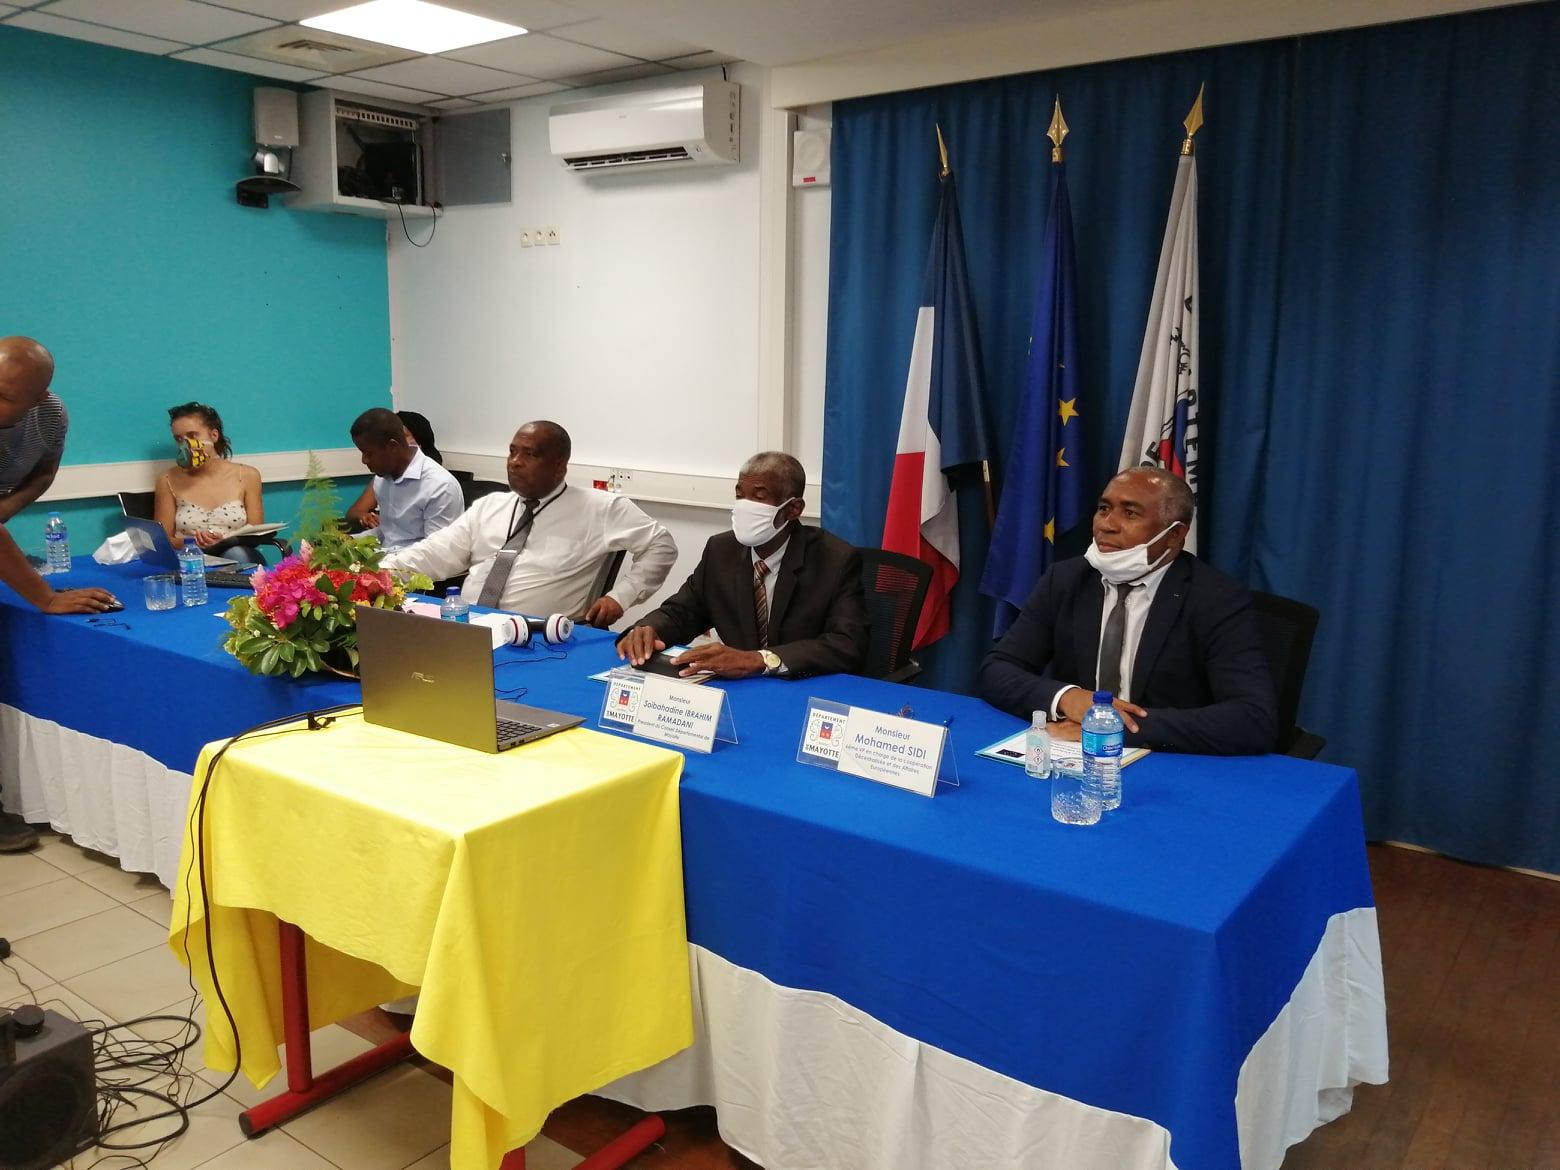 Mayotte accueille la 25ème conférence des Présidents des RUP le 26 et 27 novembre